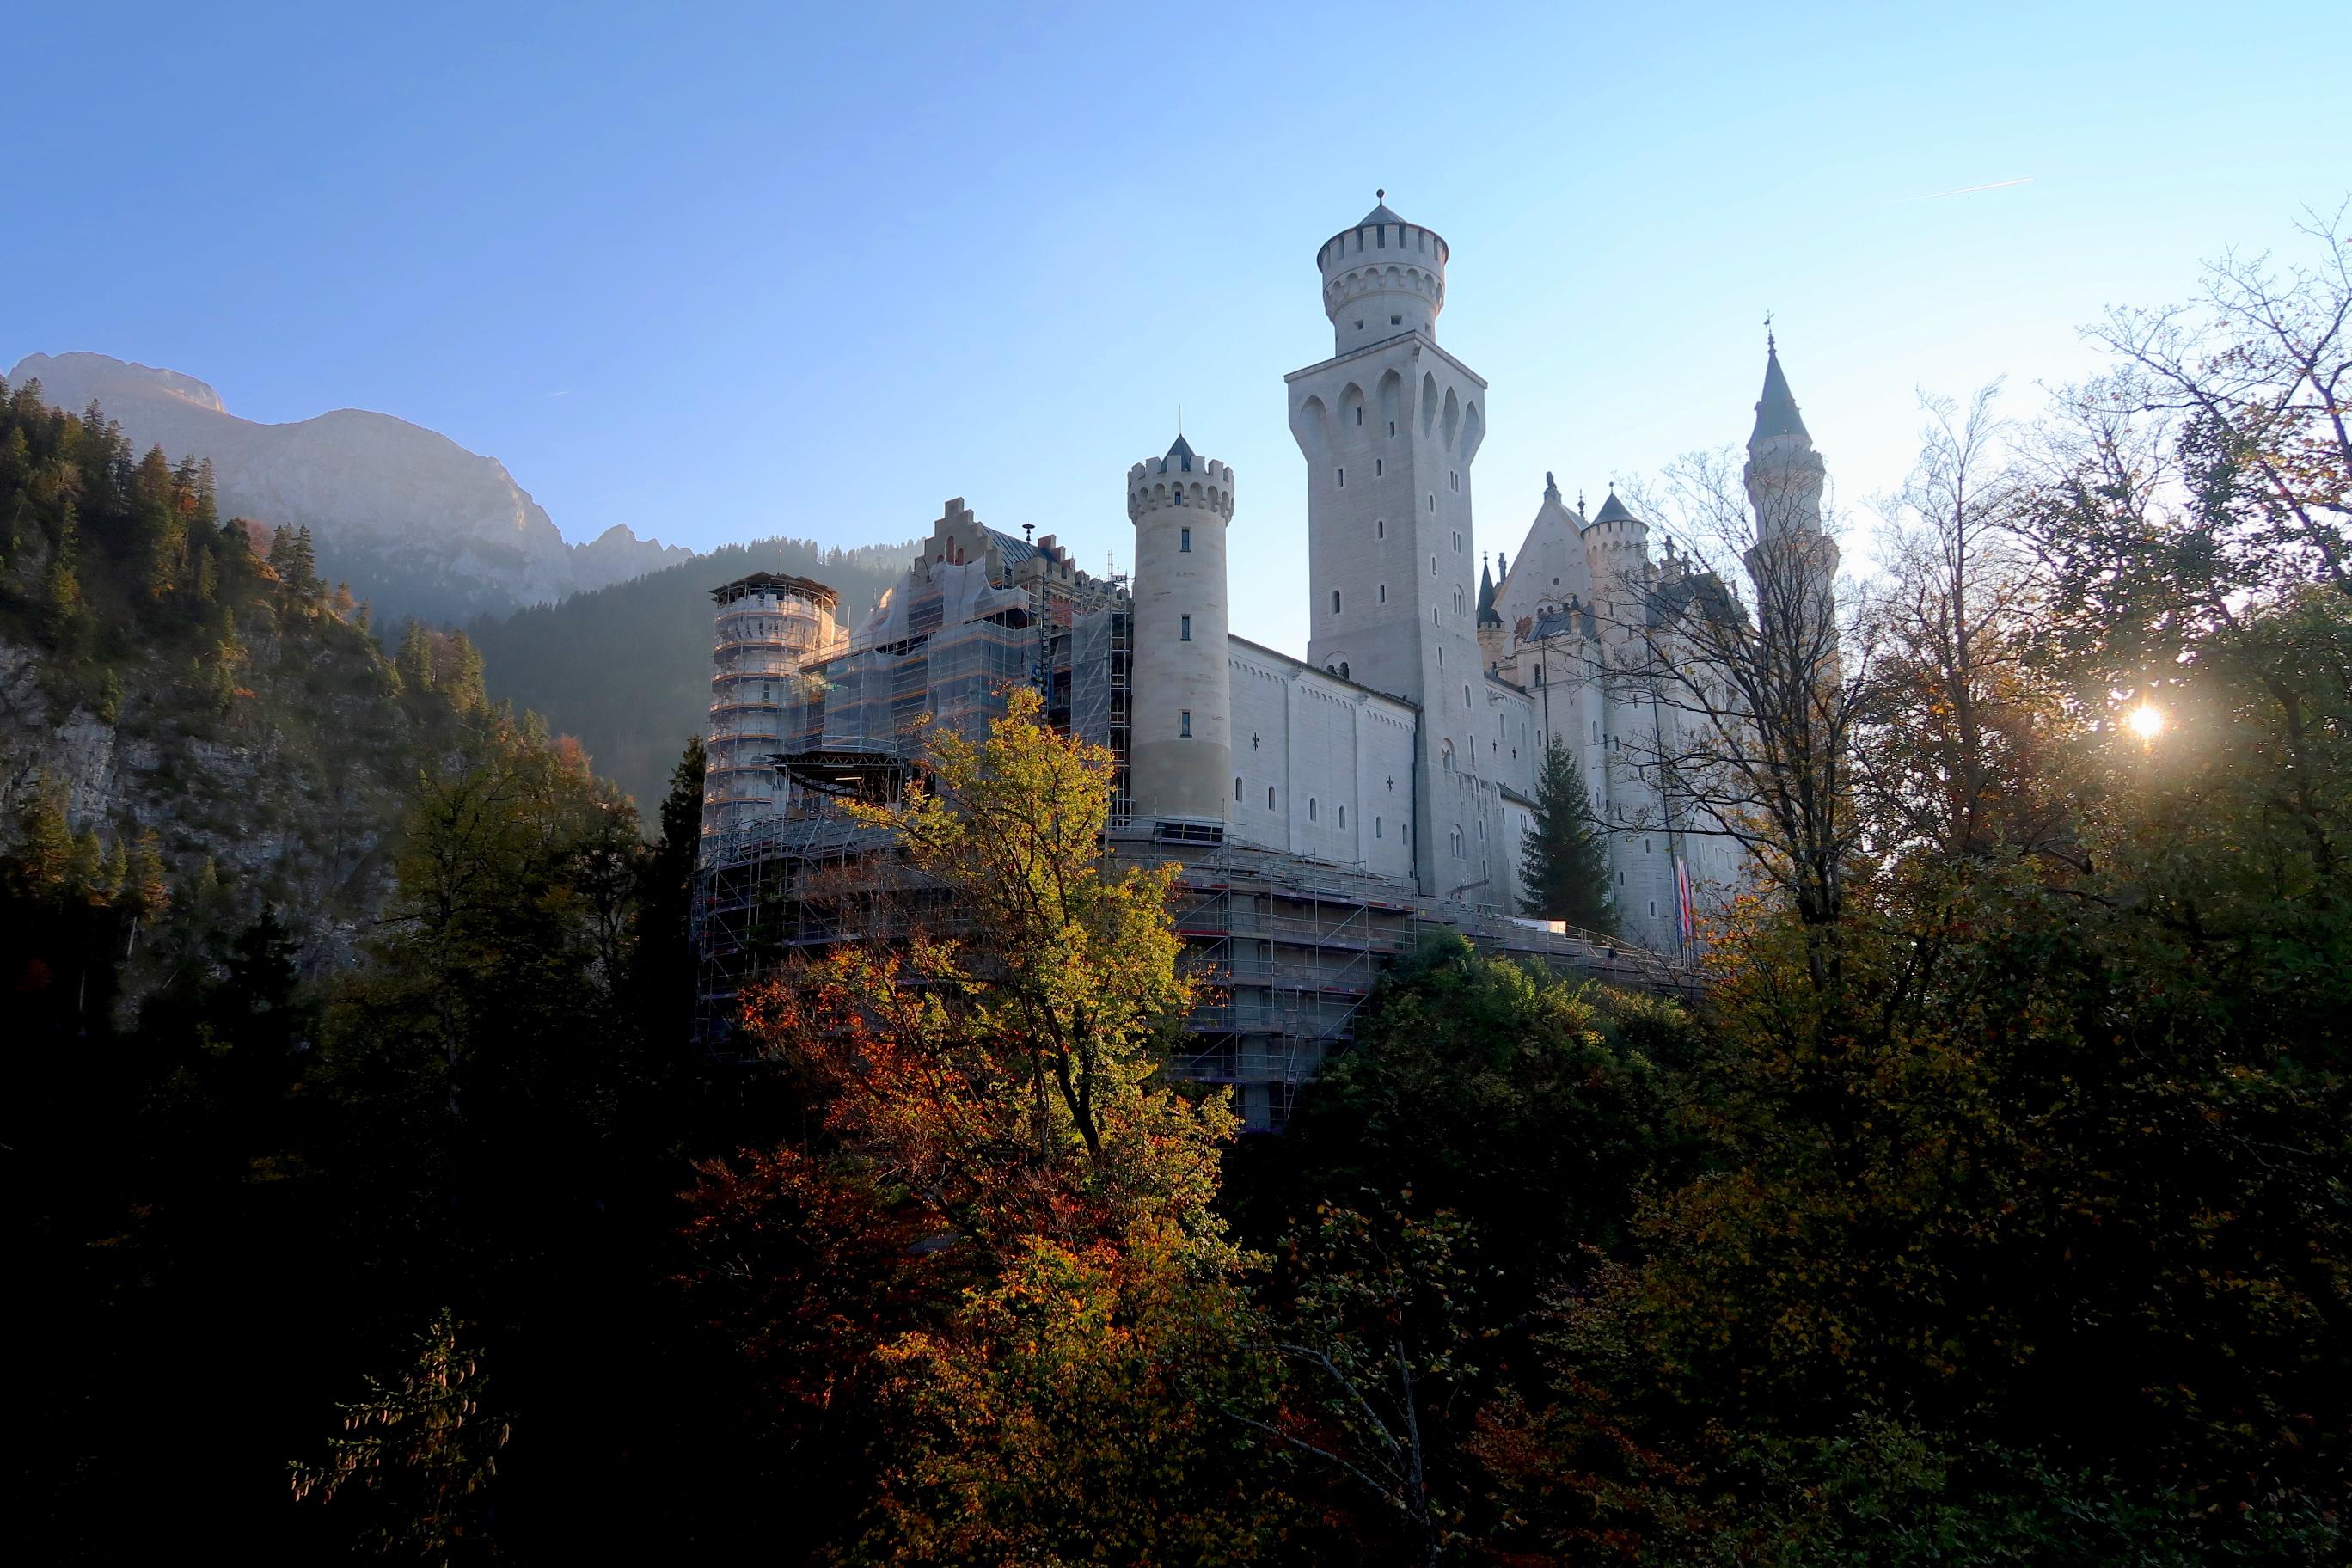 Schloss Neuschwanstein Survival